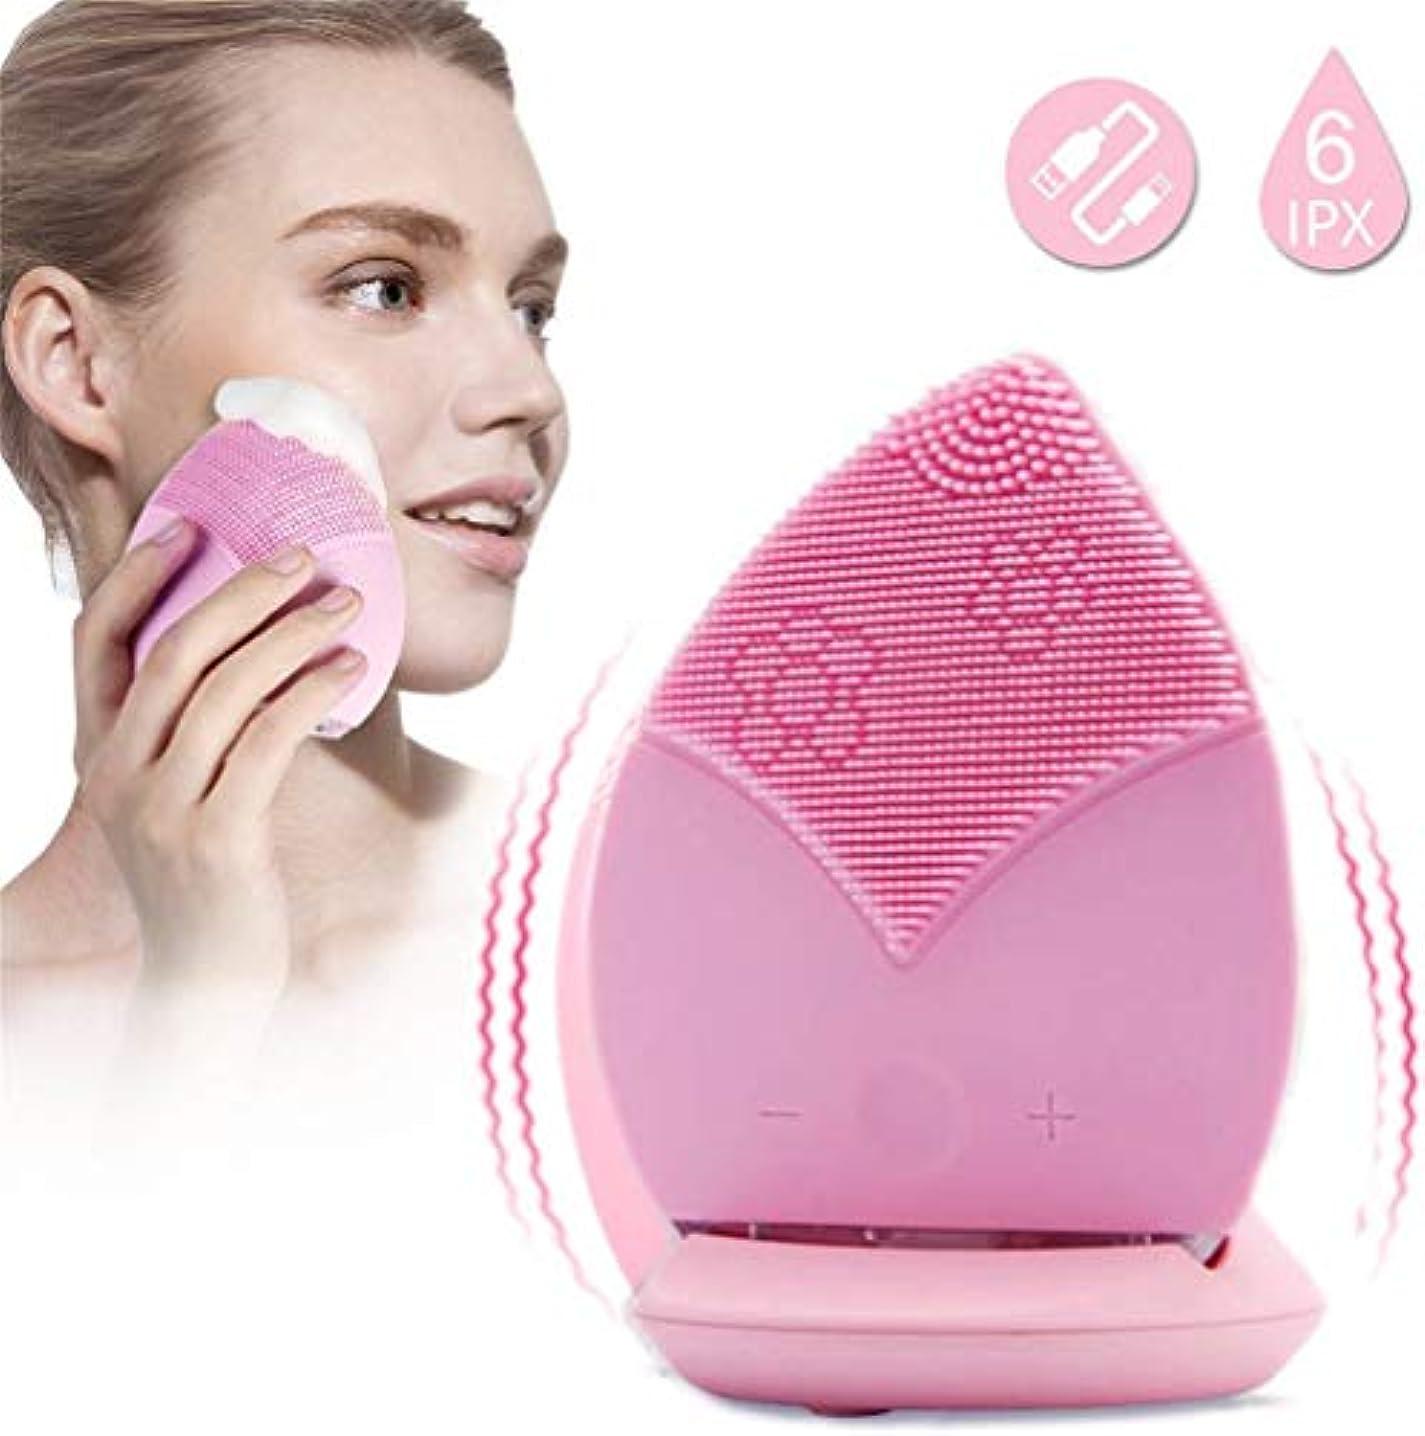 ハブブクレーン香ばしいシリコン洗顔ブラシ、フェイスブラシクリーナー電気エクスフォリエイティングアンチエイジングアンチリンクルスキンクレンザーメイクの除去のための振動防水